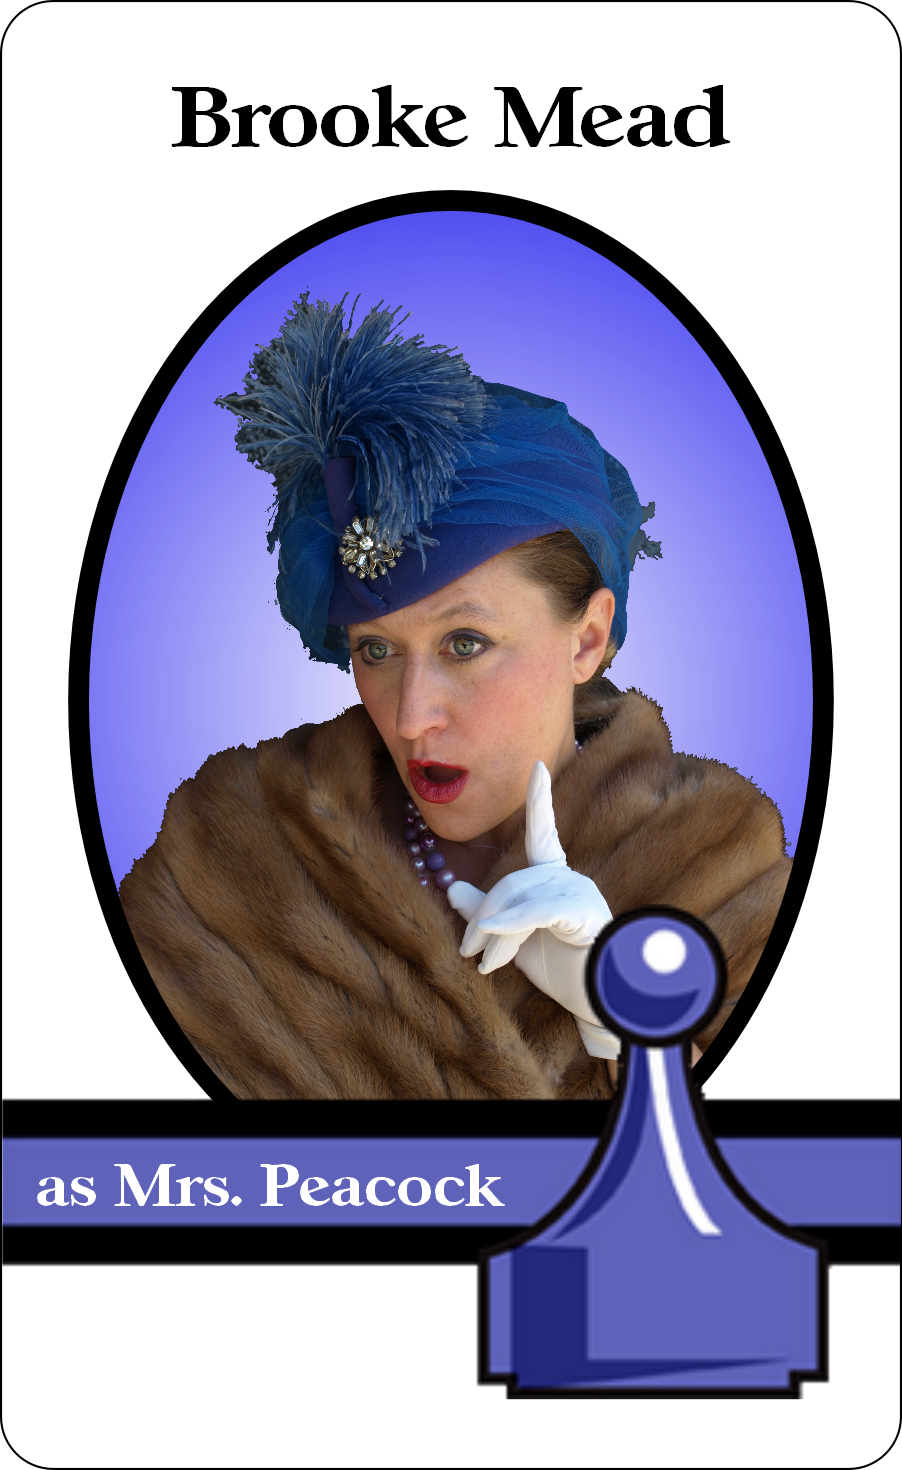 MrsPeacock